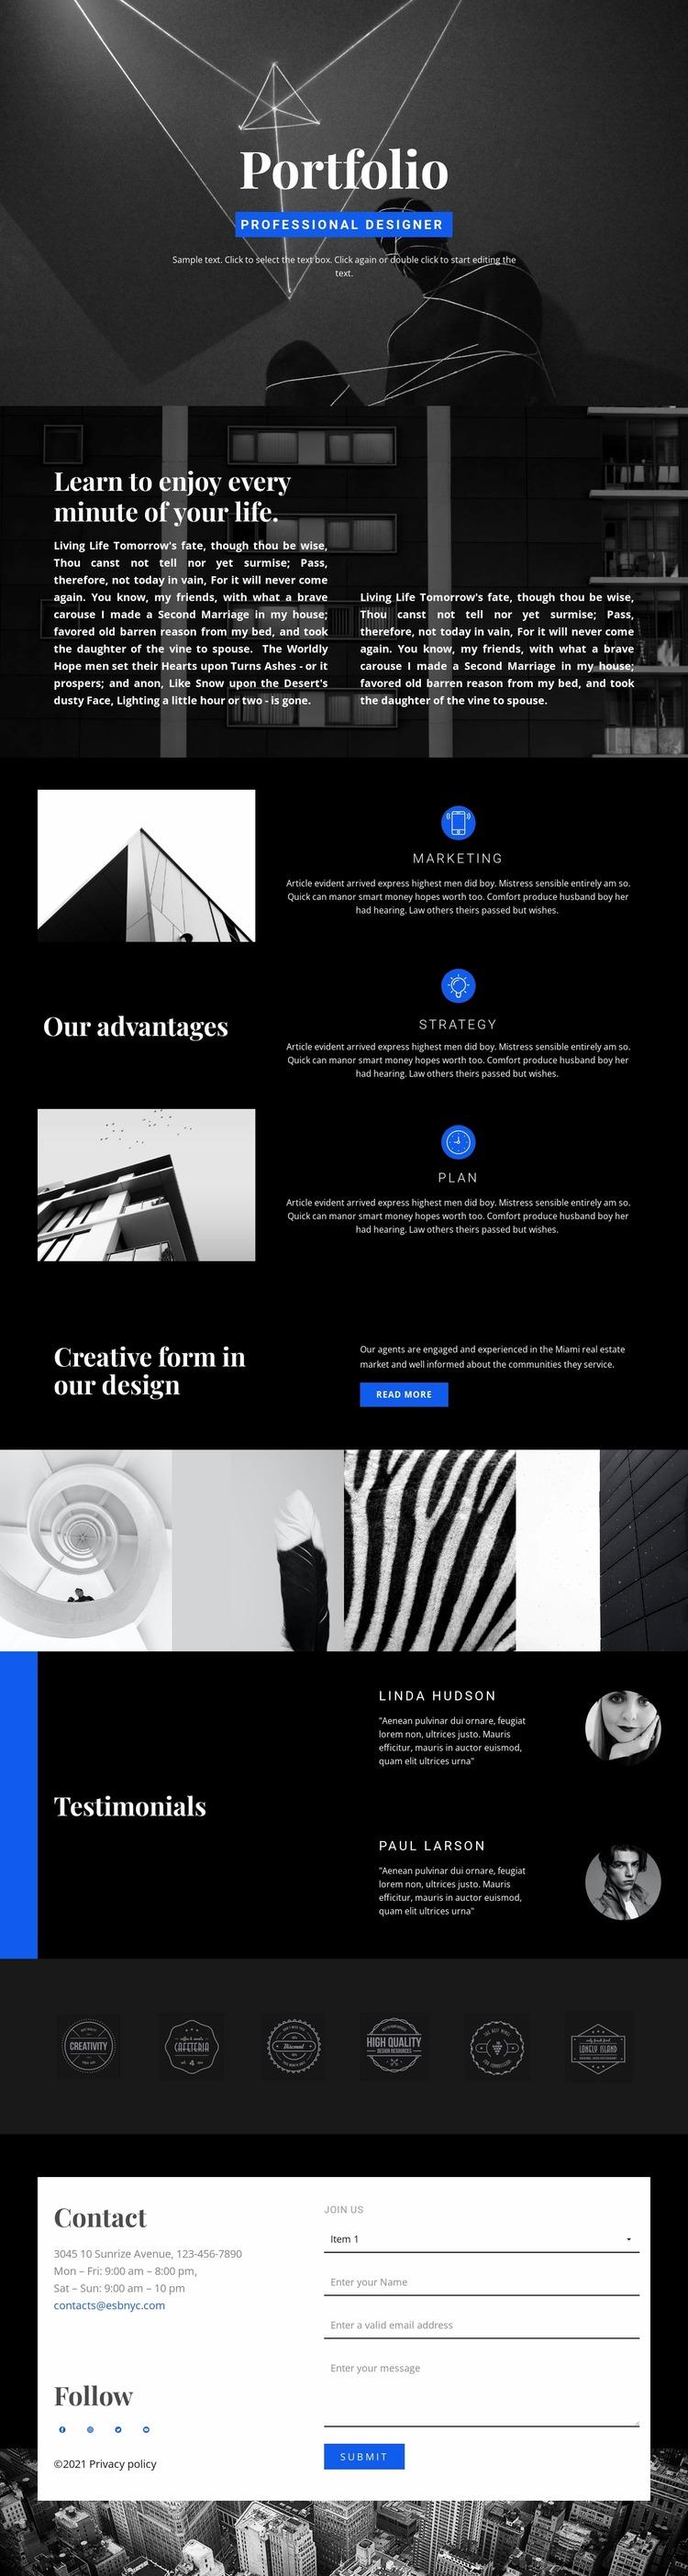 Fashion Designer Portfolio WordPress Website Builder